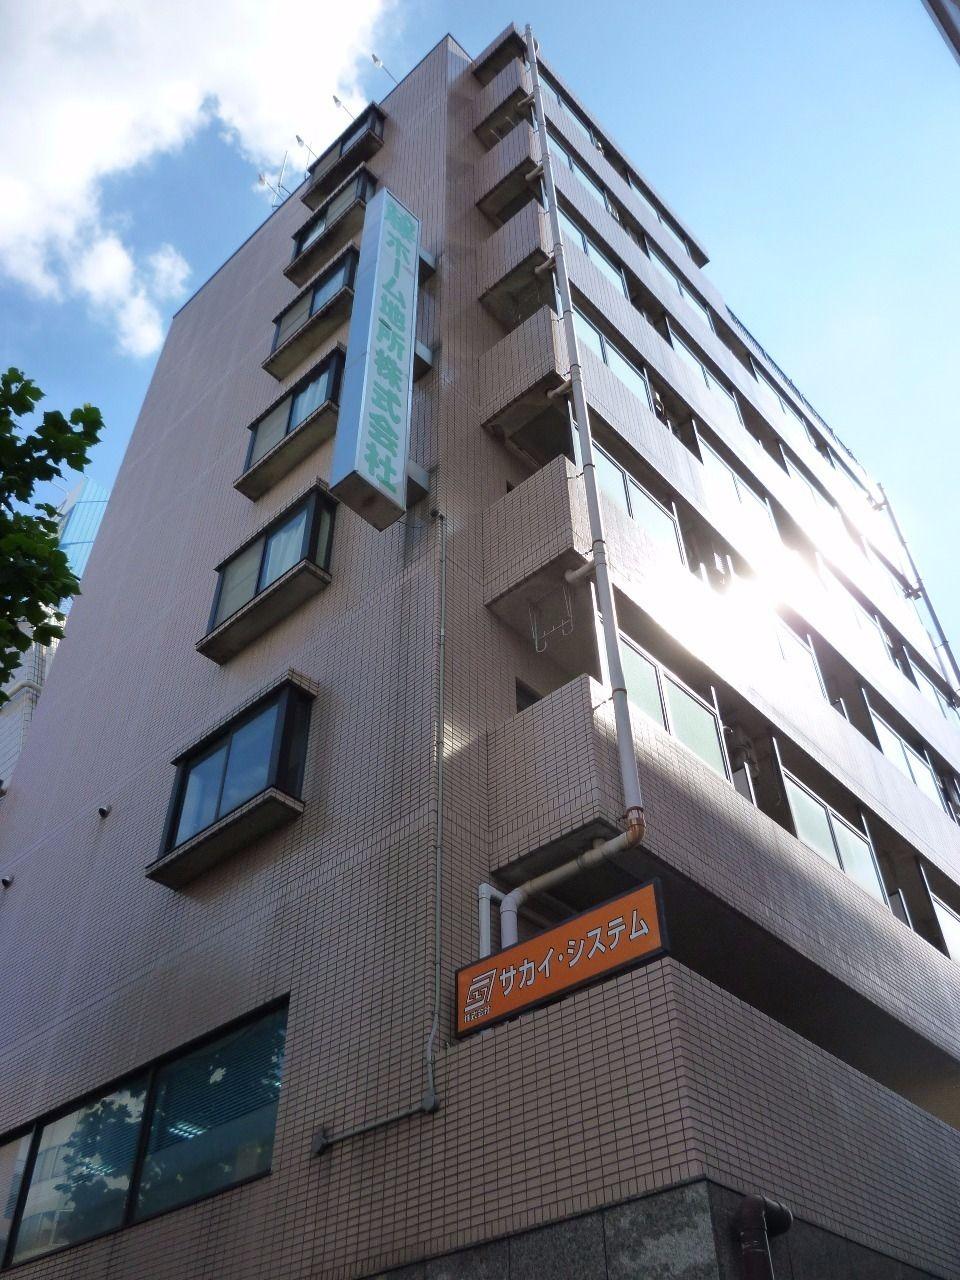 地下鉄赤塚駅、下赤塚駅 お得な賃貸マンションのご紹介